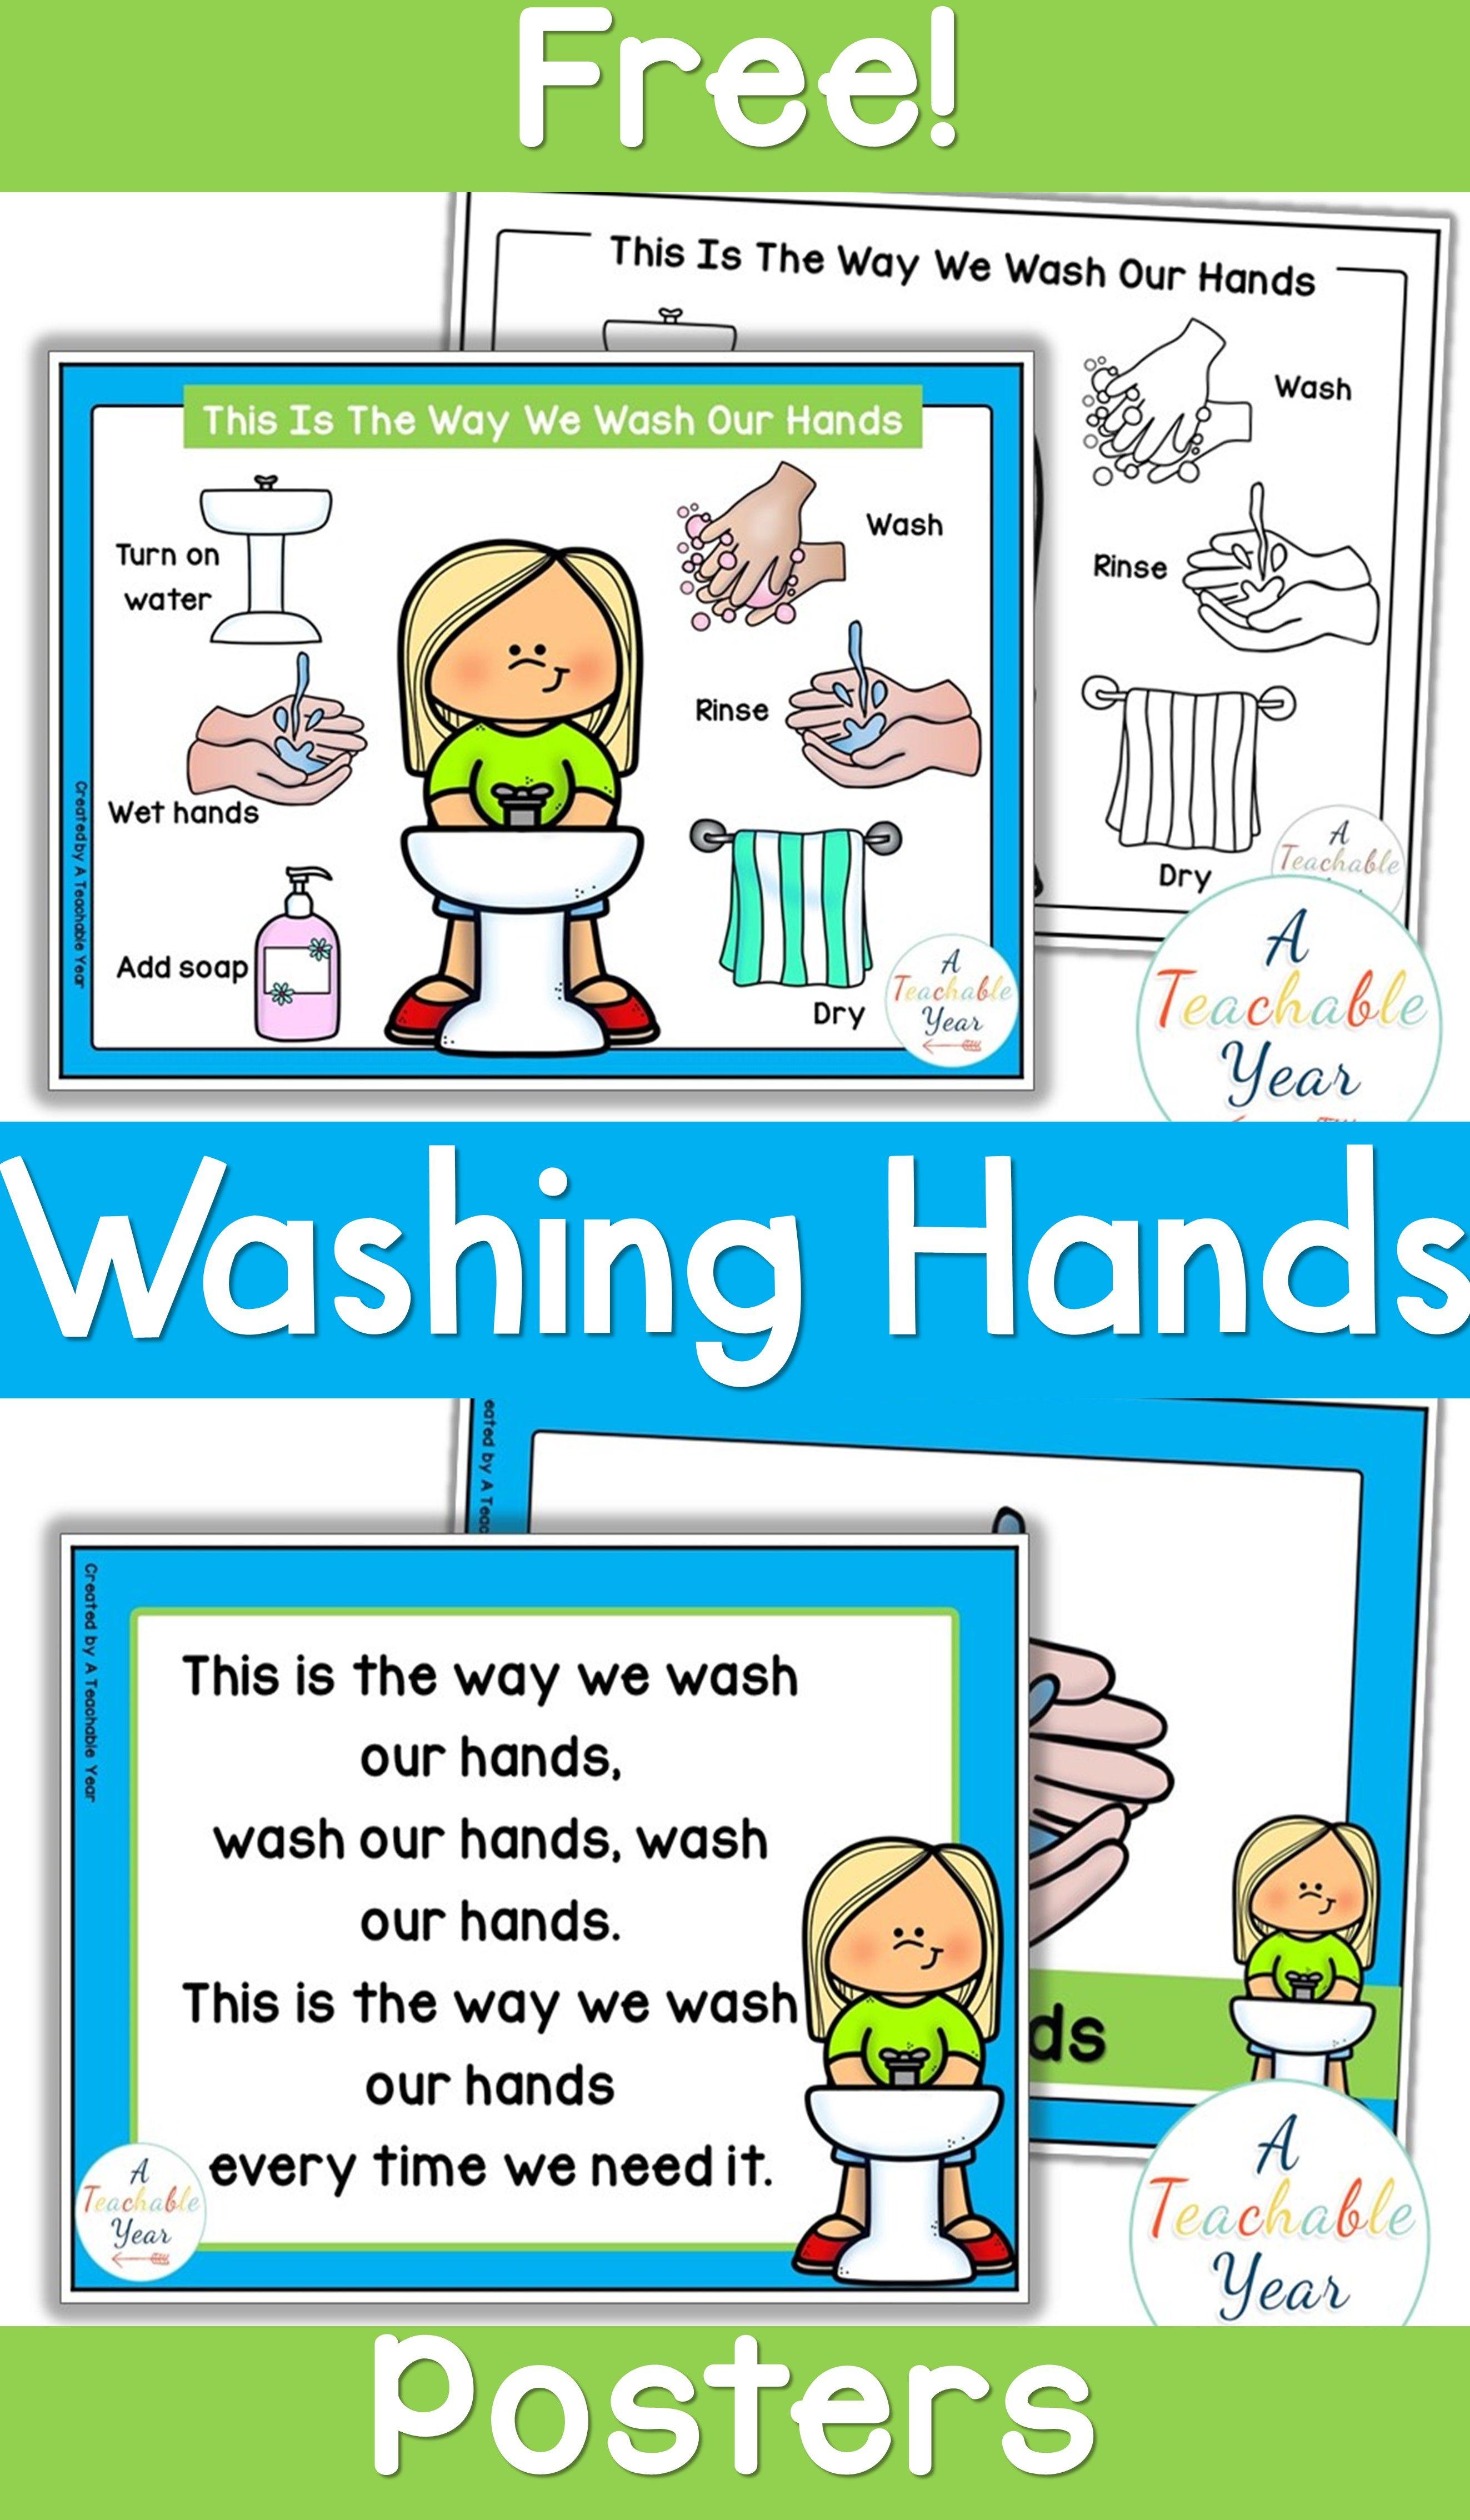 Handwashing Posters Free In 2020 Preschool Classroom Hand Washing Poster School Activities [ 4536 x 2646 Pixel ]